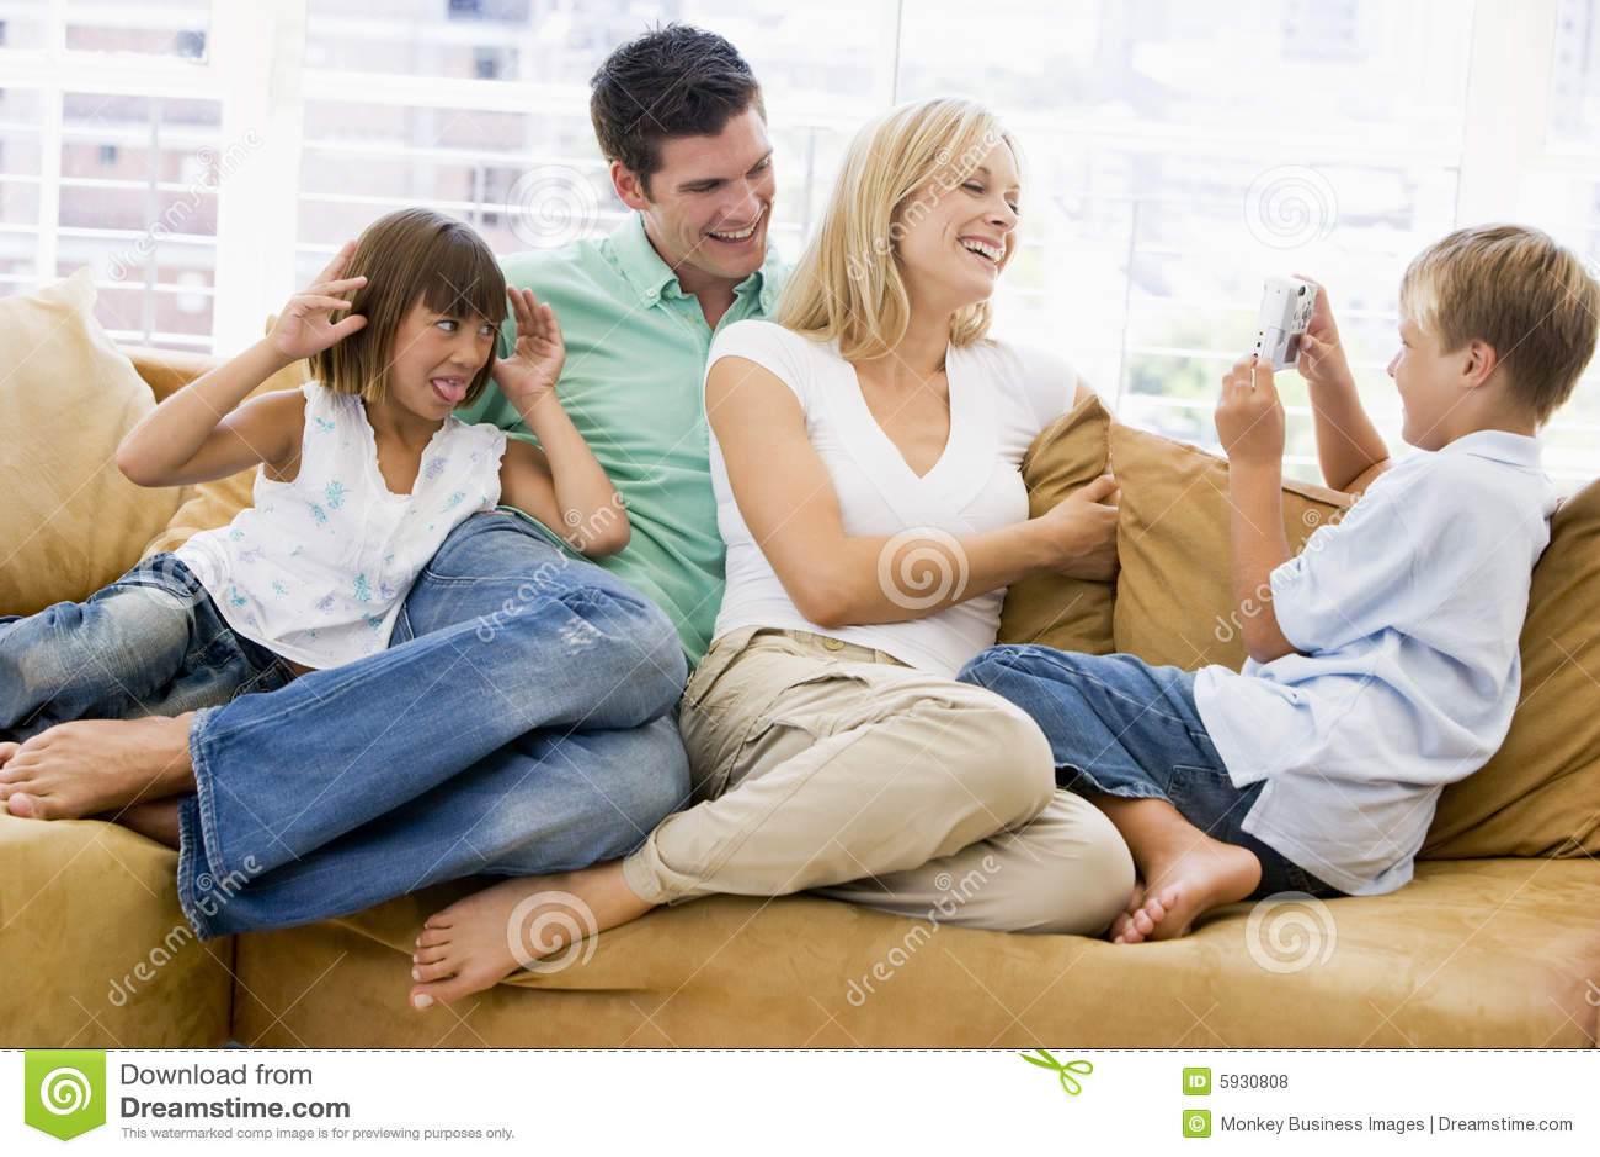 Familie, Die Im Wohnzimmer Mit Digitalkamera Sitzt Stockfoto - Bild ...